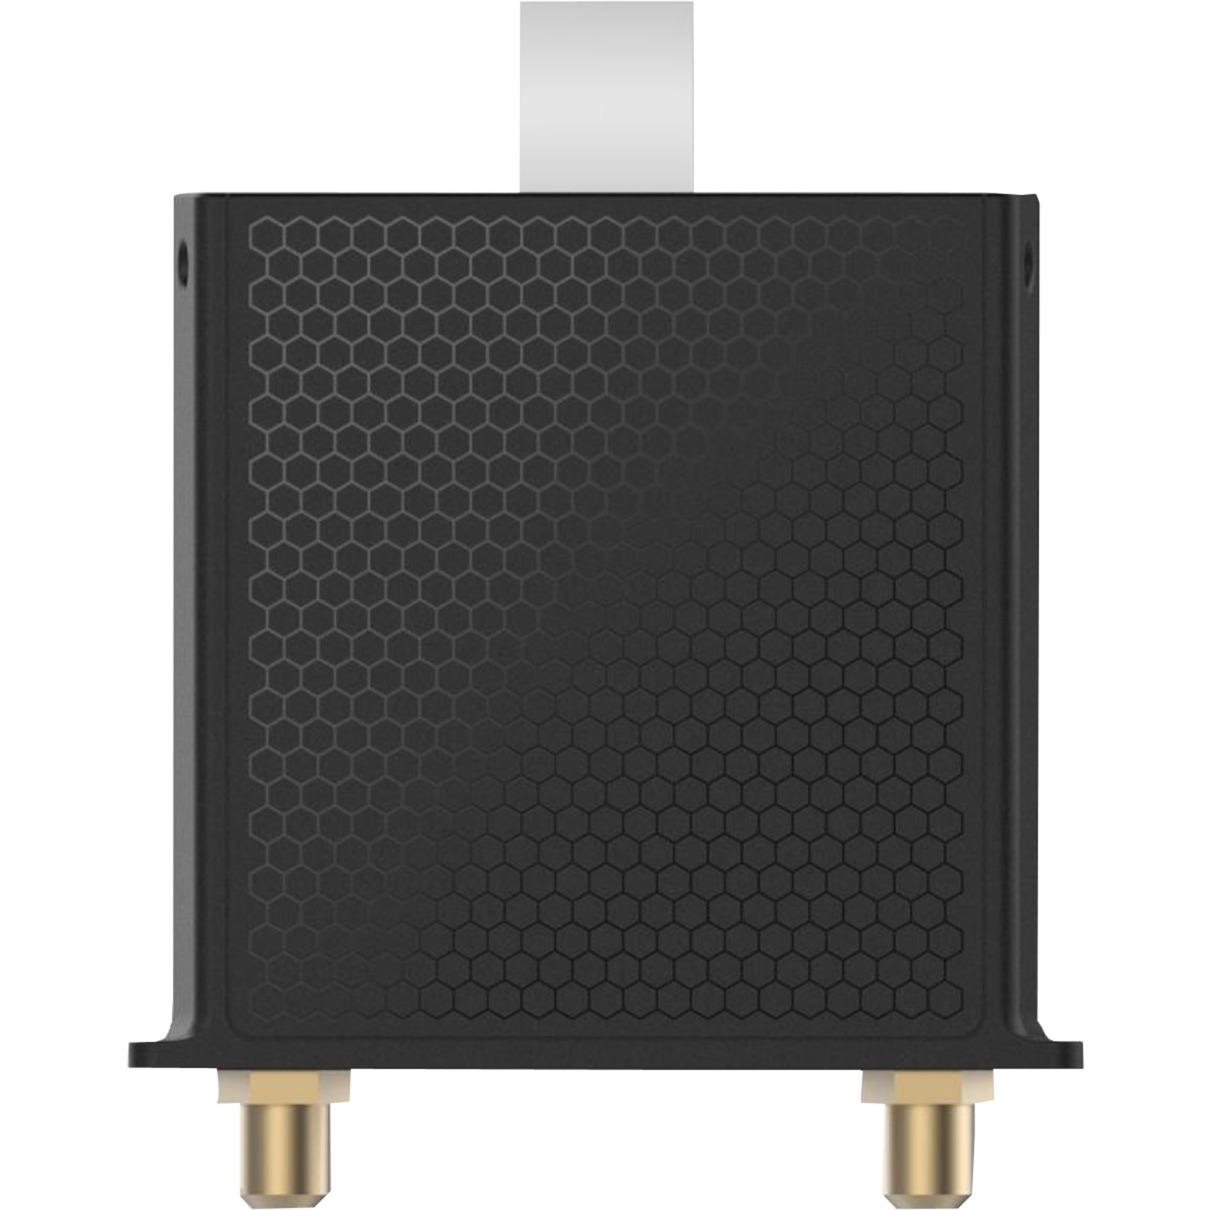 OWM001 WLAN/Bluetooth 433.5Mbit/s carte et adaptateur réseau, Adaptateur WLAN